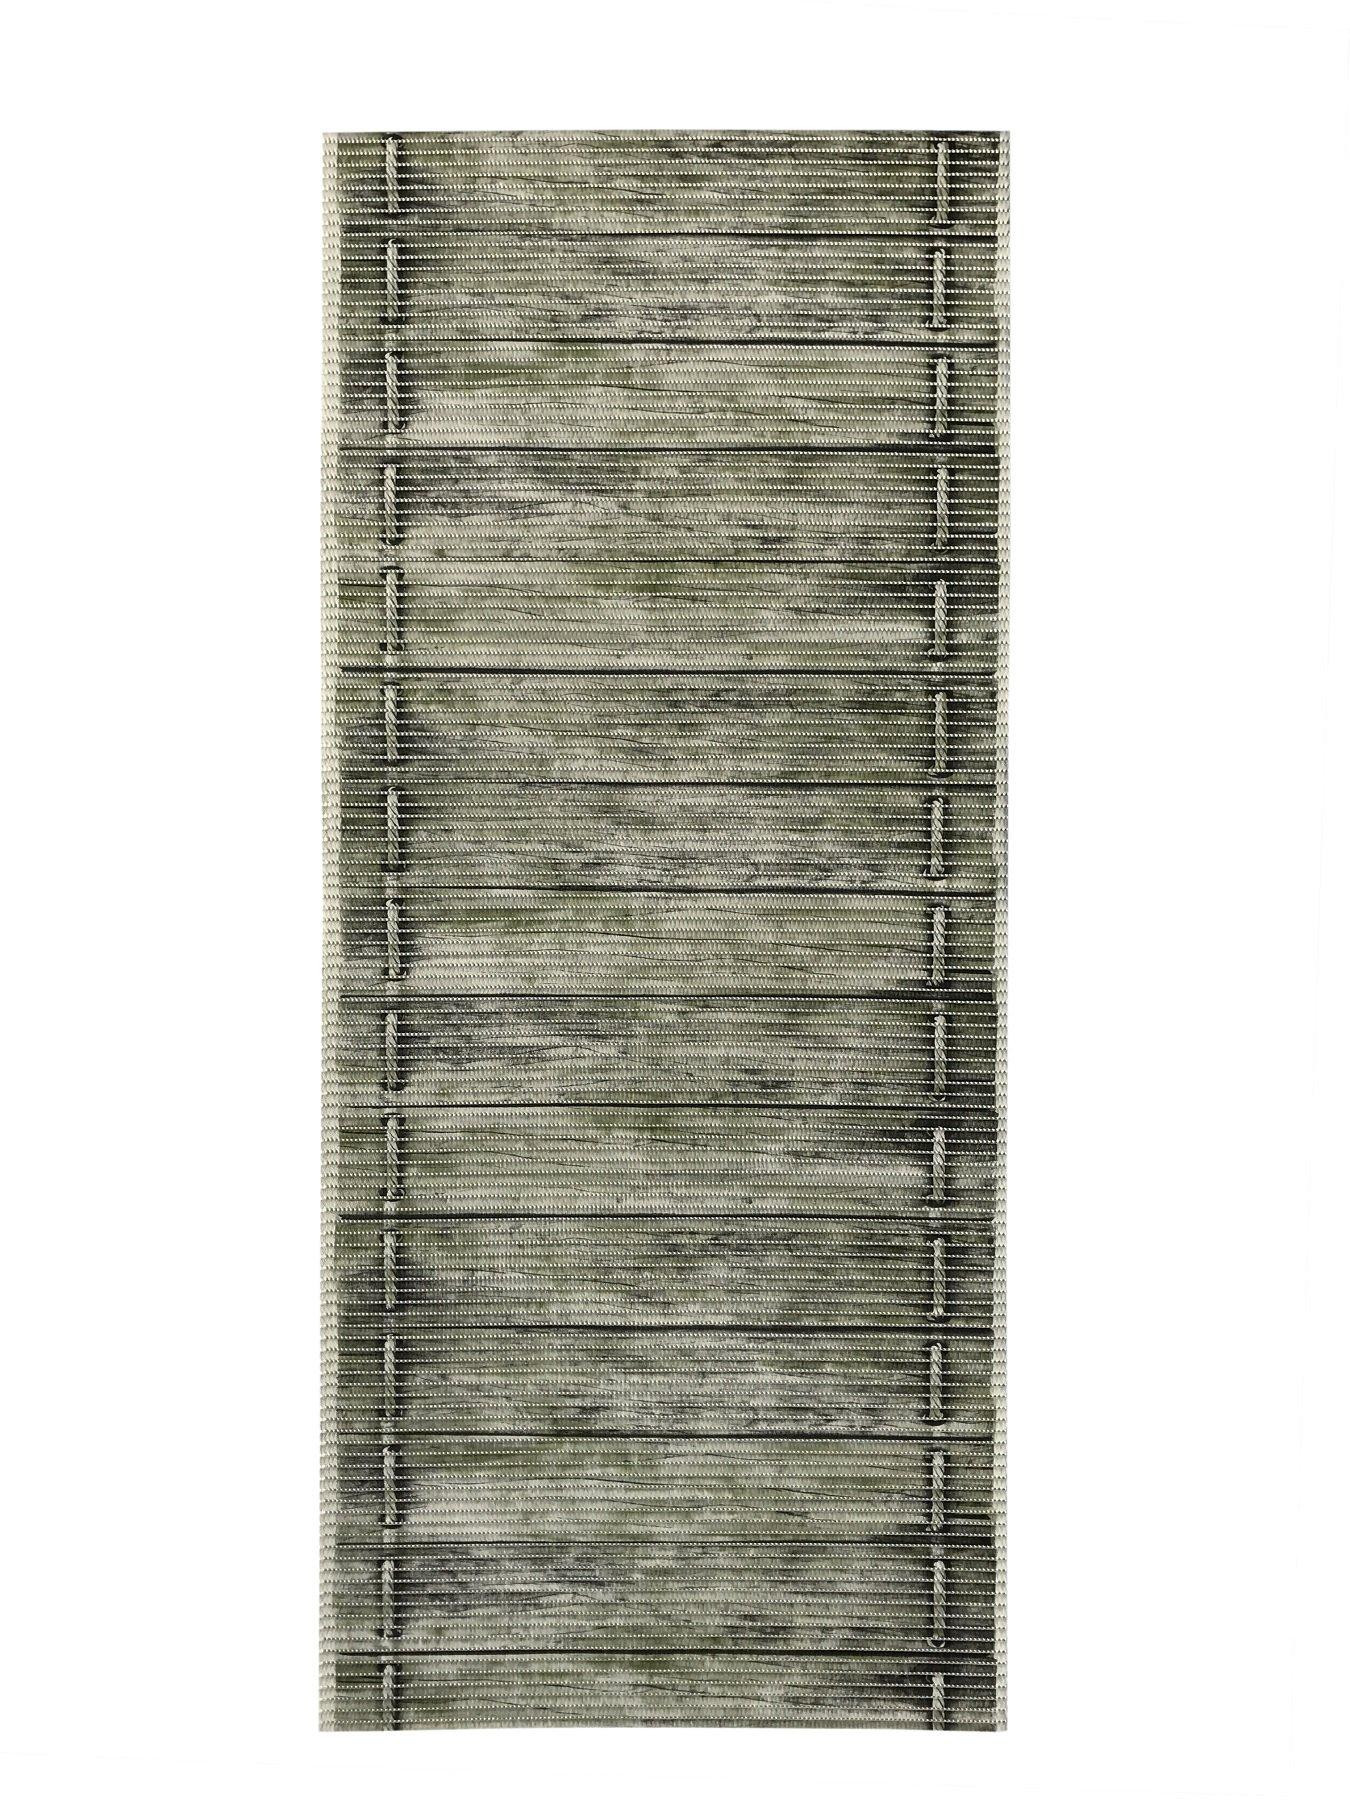 2-feet X 8-feet Rubber Foam Runner Rug | Moss Wood Birch Modern Floor Runner 2x8